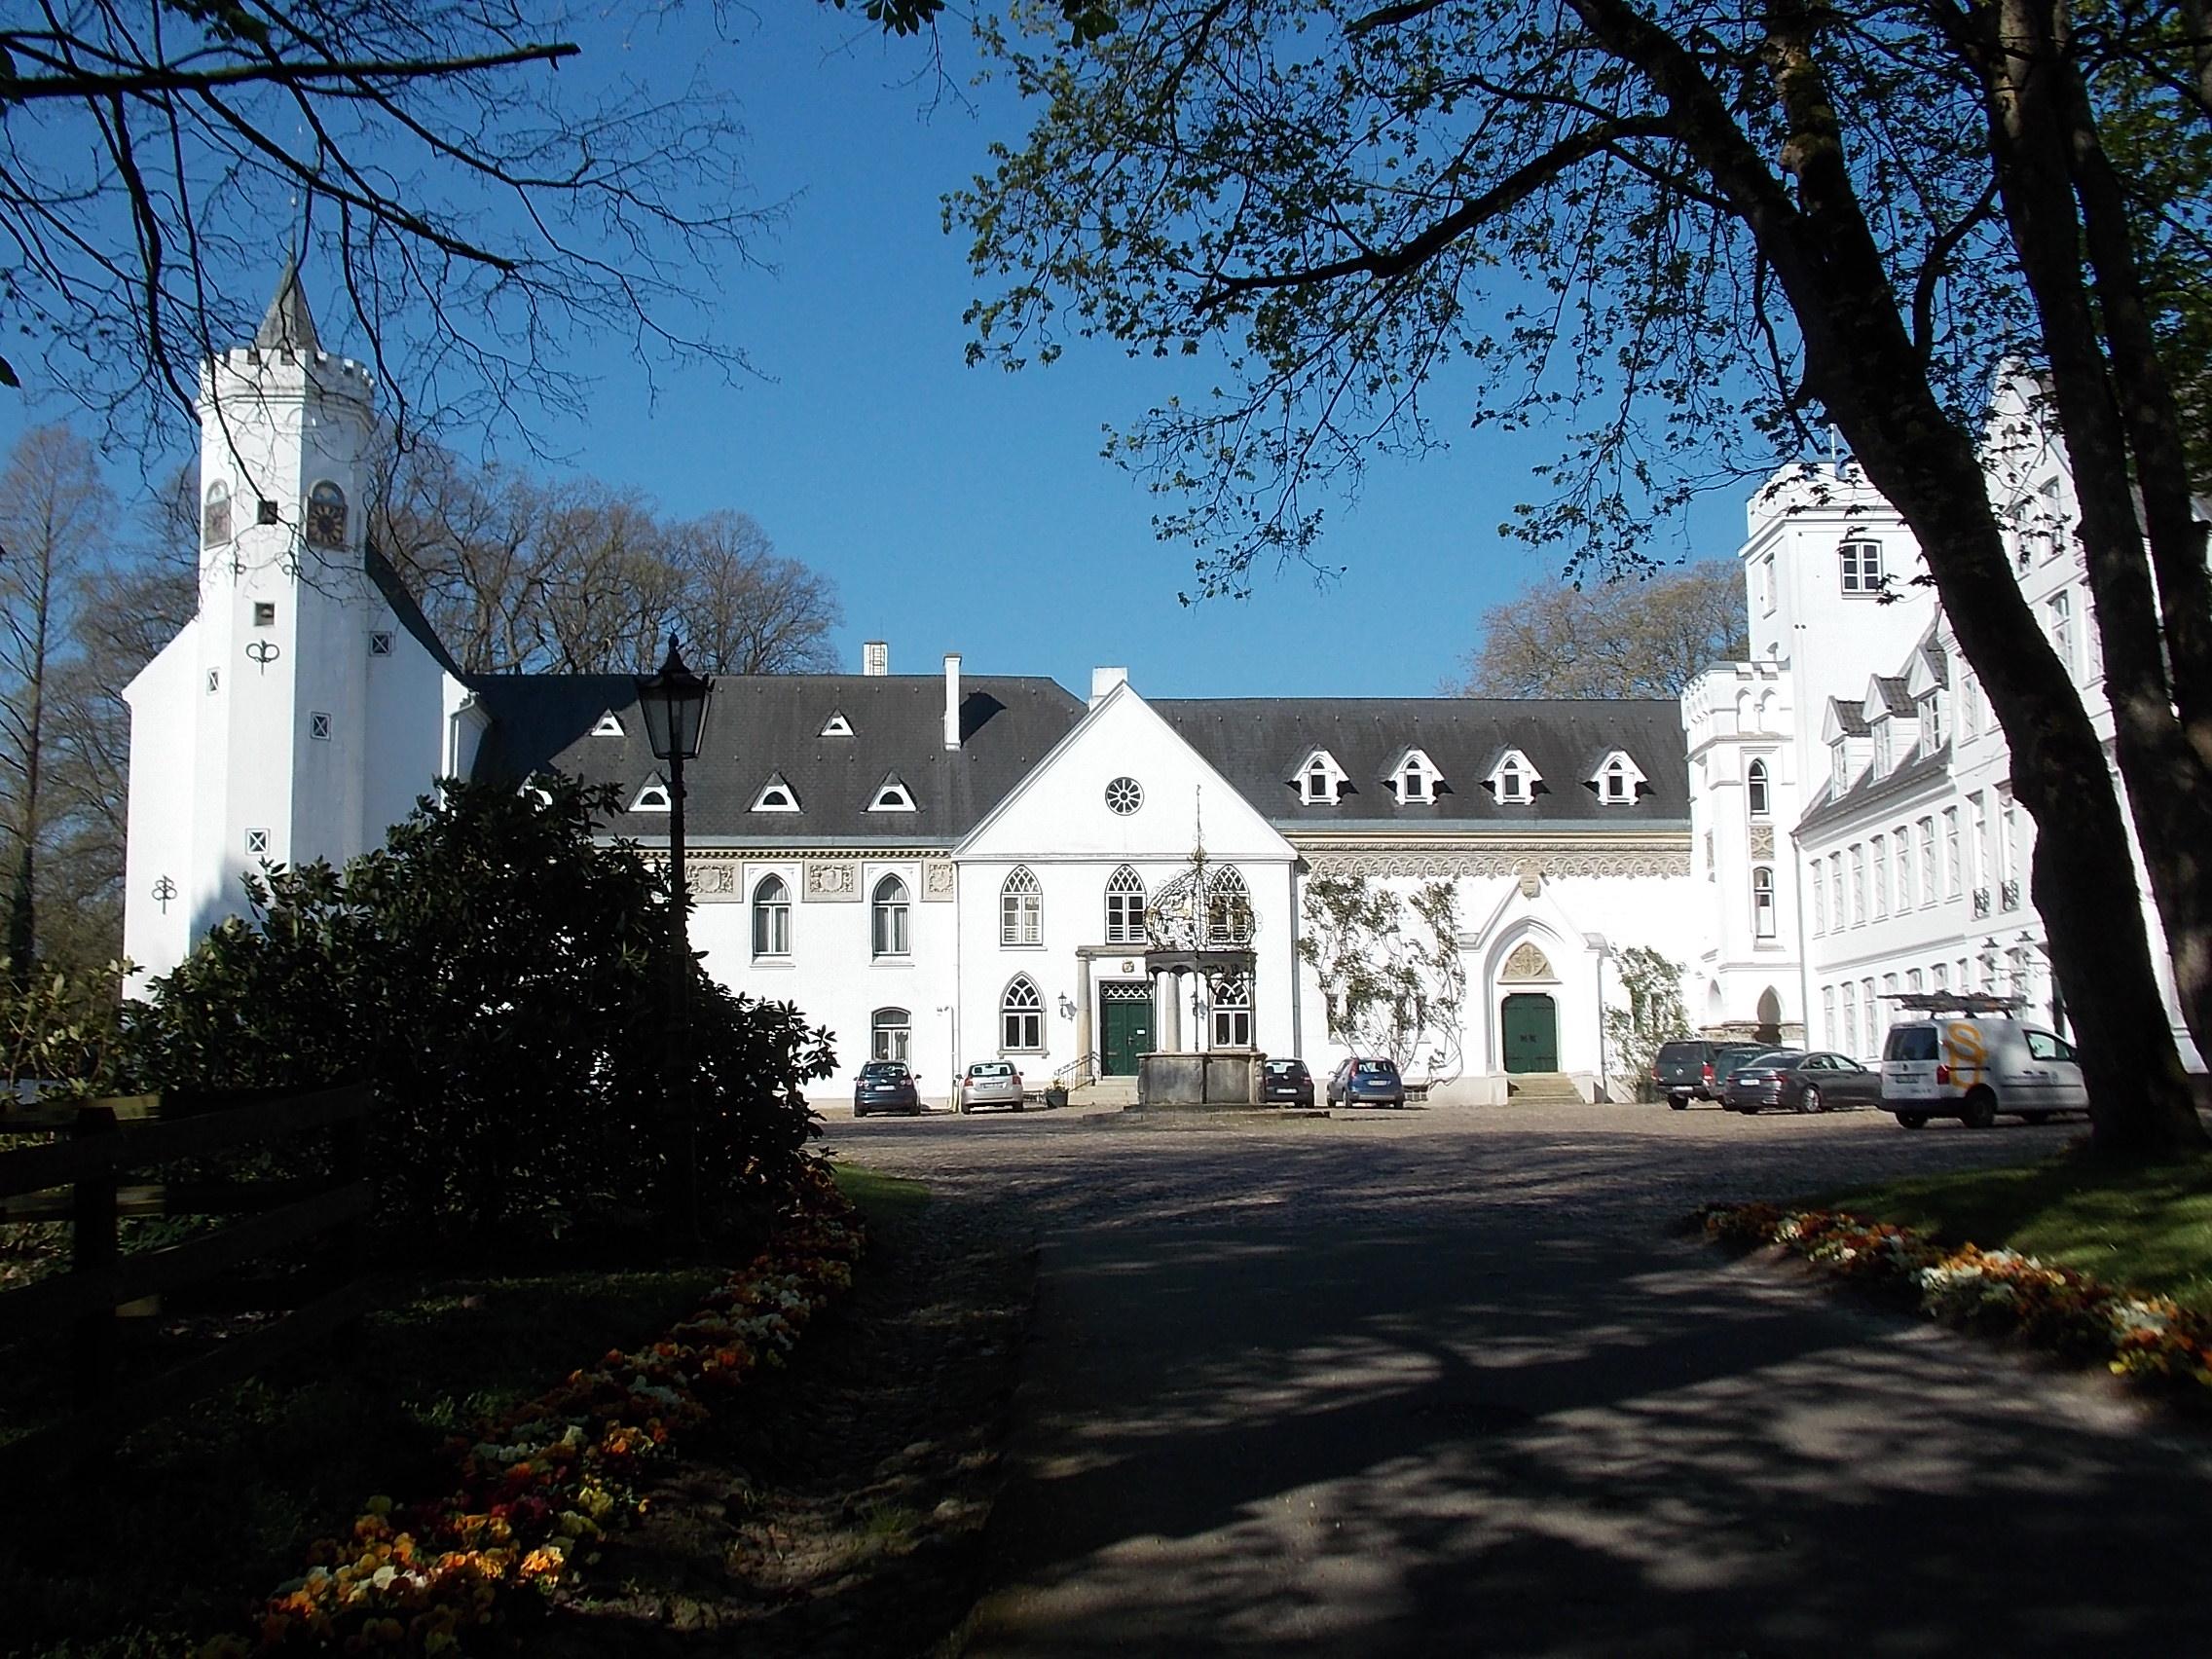 Breitenburg